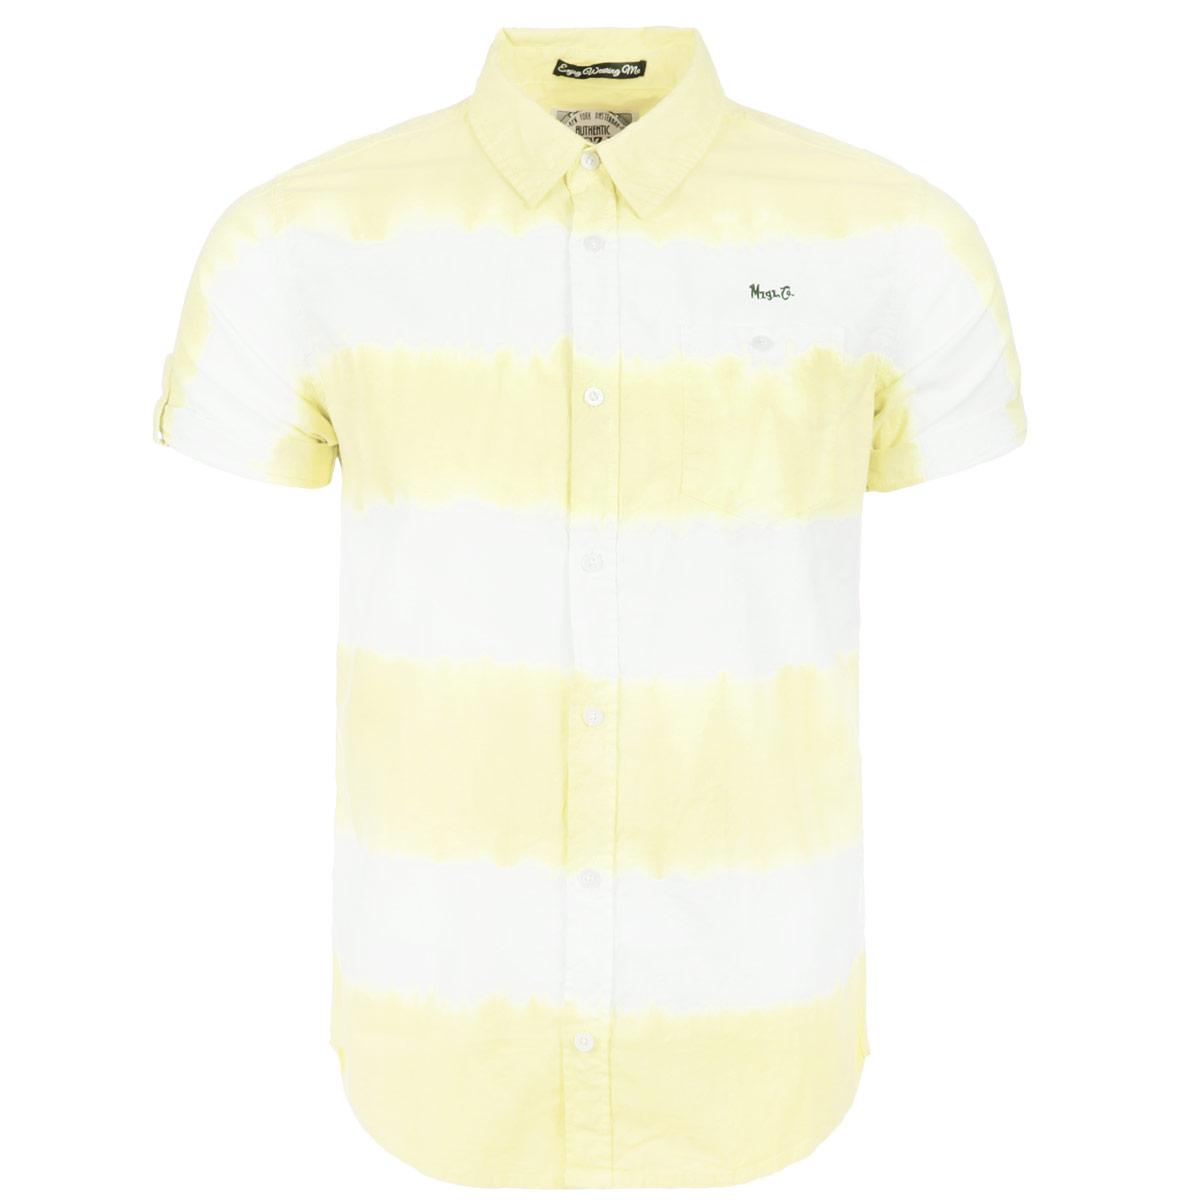 Callme_POOLBLUEСтильная мужская рубашка MeZaGuZ, изготовлена из натурального хлопка, необычайно мягкая и приятная на ощупь, не сковывает движения и позволяет коже дышать, не раздражает даже самую нежную и чувствительную кожу, обеспечивая наибольший комфорт. Модель прямого кроя, с короткими рукавами, отложным воротником оформлена широкими полосками с размытыми краями. Низ изделия закруглен. На груди рубашка дополнена накладным карманом на пуговице. Рукава декорированы хлястиками на пуговицах. Такая модель порадует настоящих ценителей комфорта и практичности!